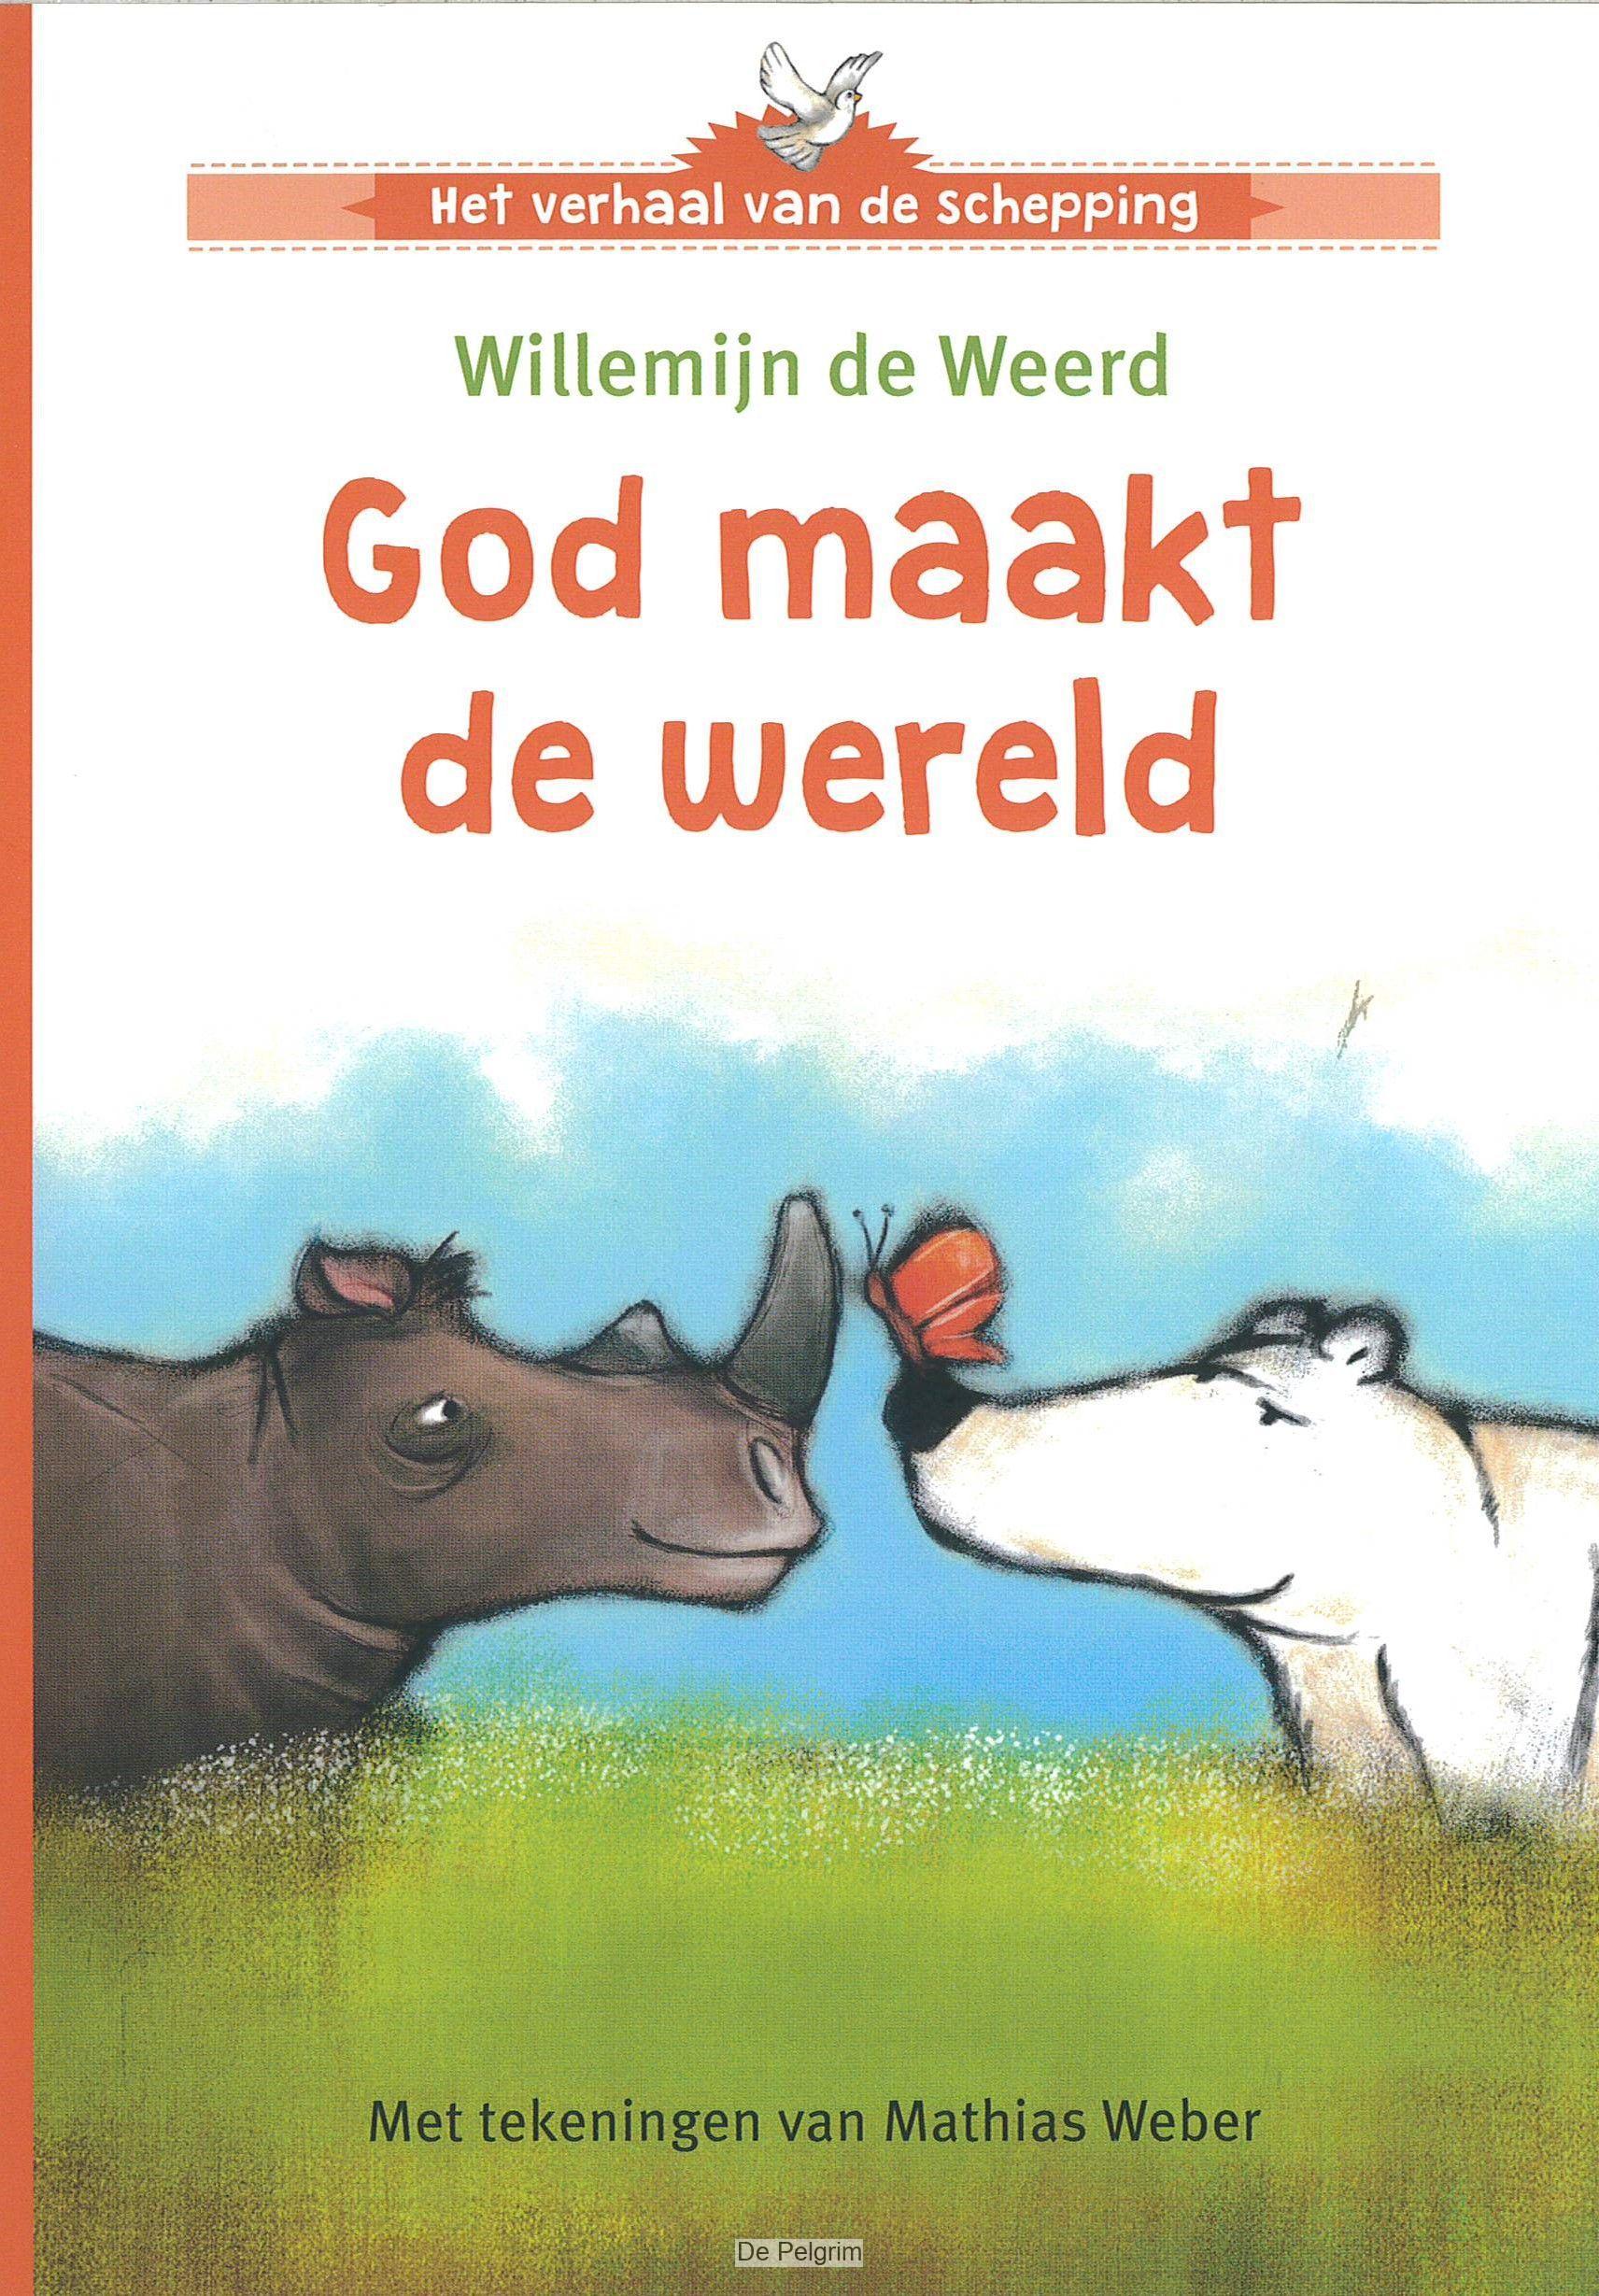 God maakt de wereld